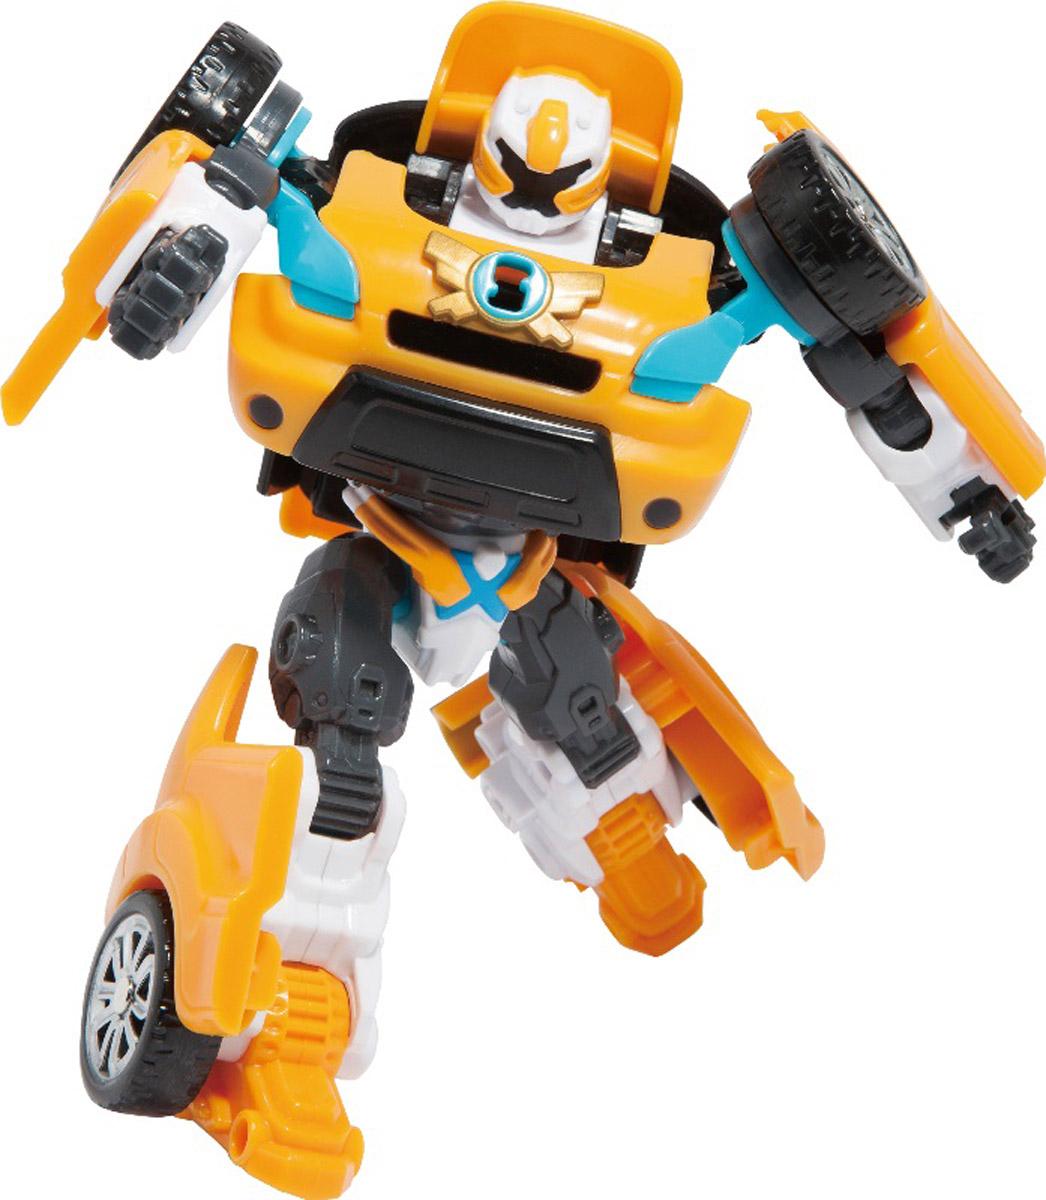 Tobot Трансформер Х301001Трансформер Tobot X из мультсериала Тоботы - лидер. Он очень сильный. Популярен из-за своего стойкого характера. Игрушка в точности повторяет героя, поэтому поможет преданным поклонникам разыграть увлекательные приключения не только в образе робота, но и быстрой машинки с рельефными колесами. Трансформер легко превращается в реалистичную машинку. Машинка может ездить по поверхности благодаря широким колесам с рельефными протекторами. Игрушка имеет оптимальные размеры, поэтому ребенку будет удобно держать ее в руке и катать по полу. В комплекте также идет ключ. Уровень сложности: 2.